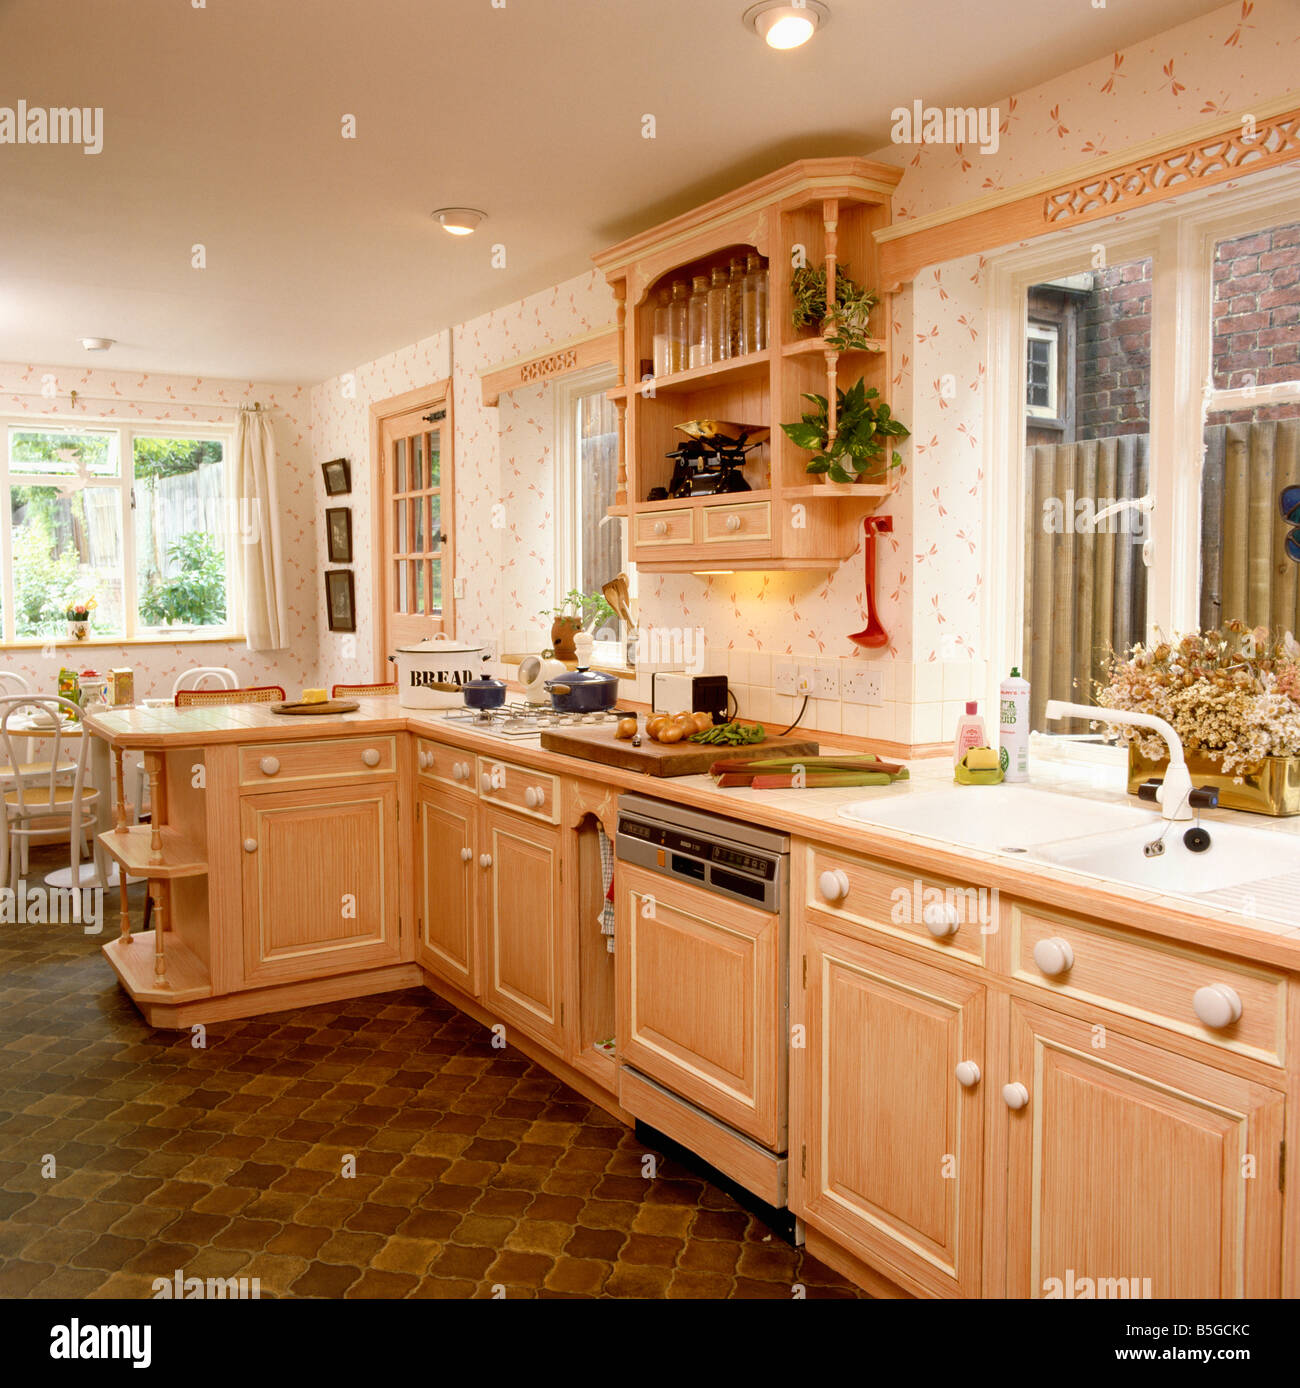 Pfirsich Farbe Effekt Schränke in Küche mit Blumentapete und ...